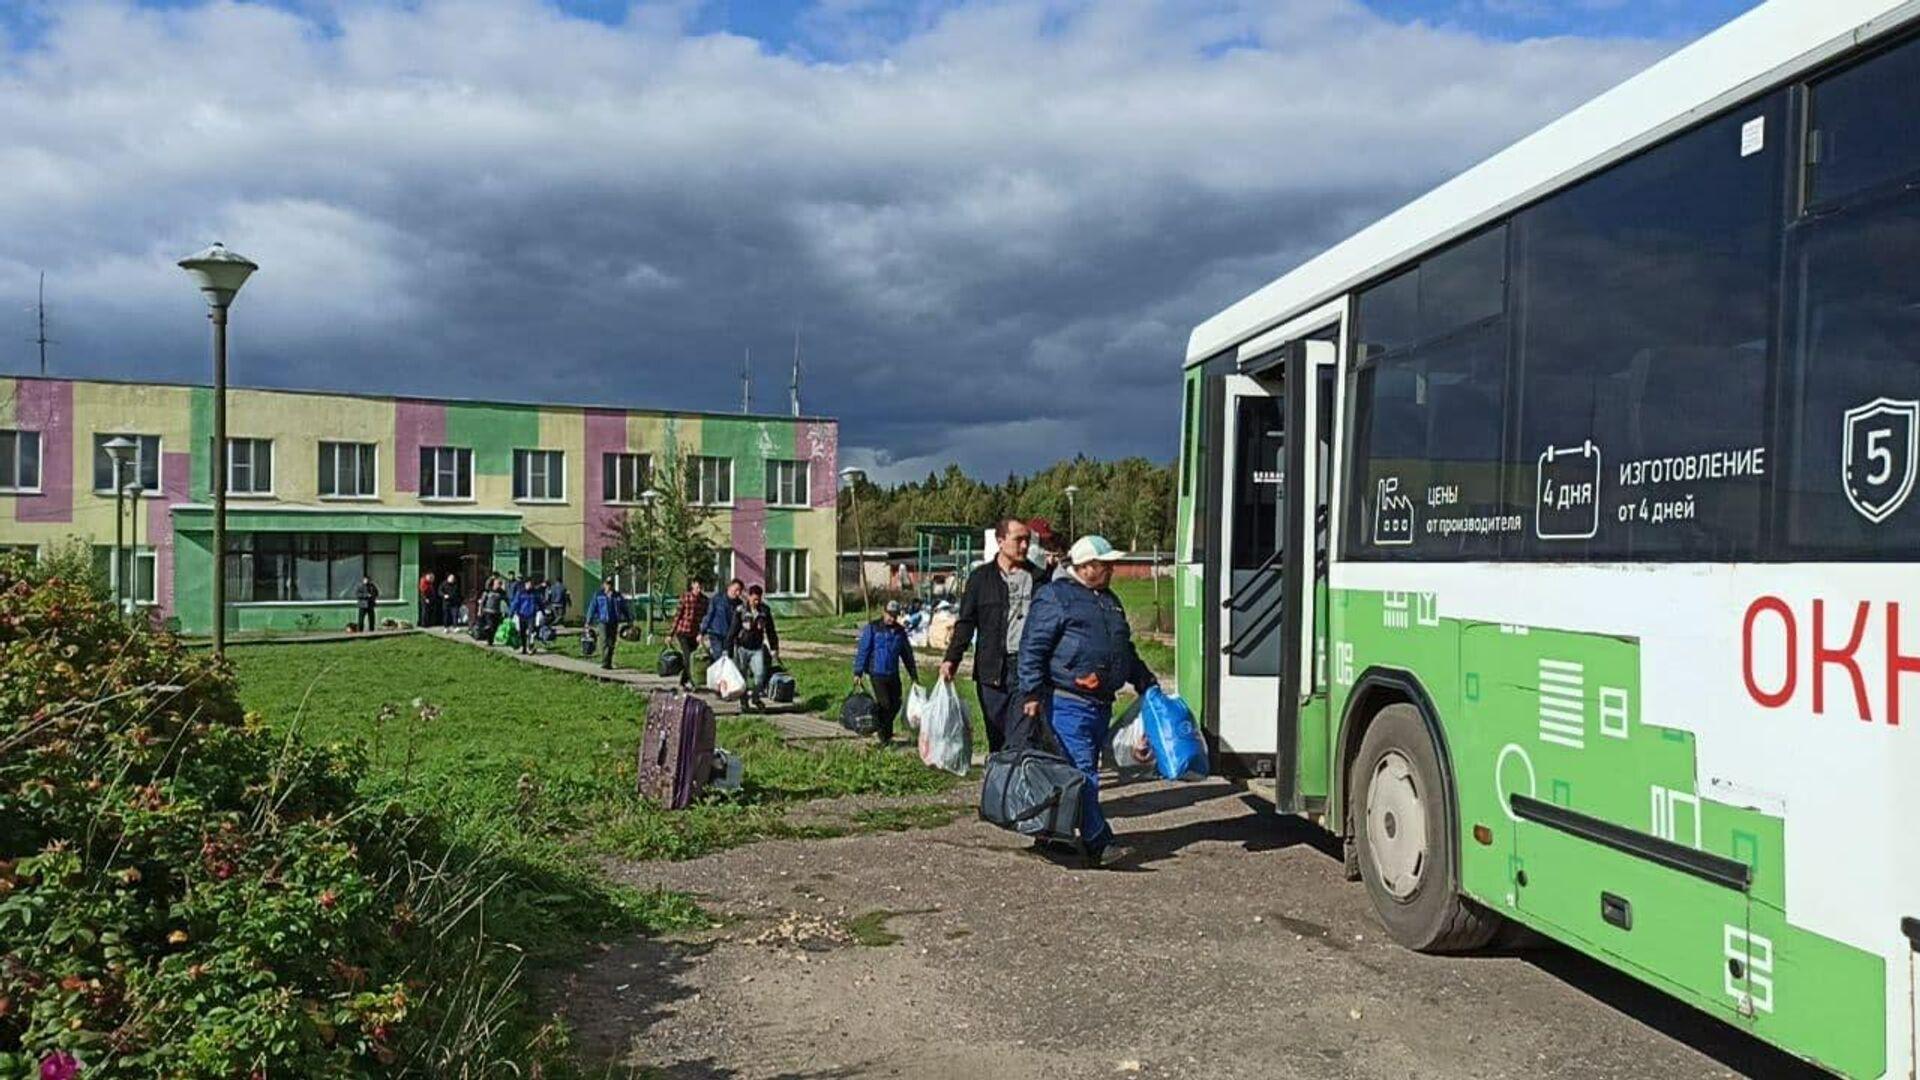 Посольство Киргизии рассказало о проверке в общежитии в Бужаниново